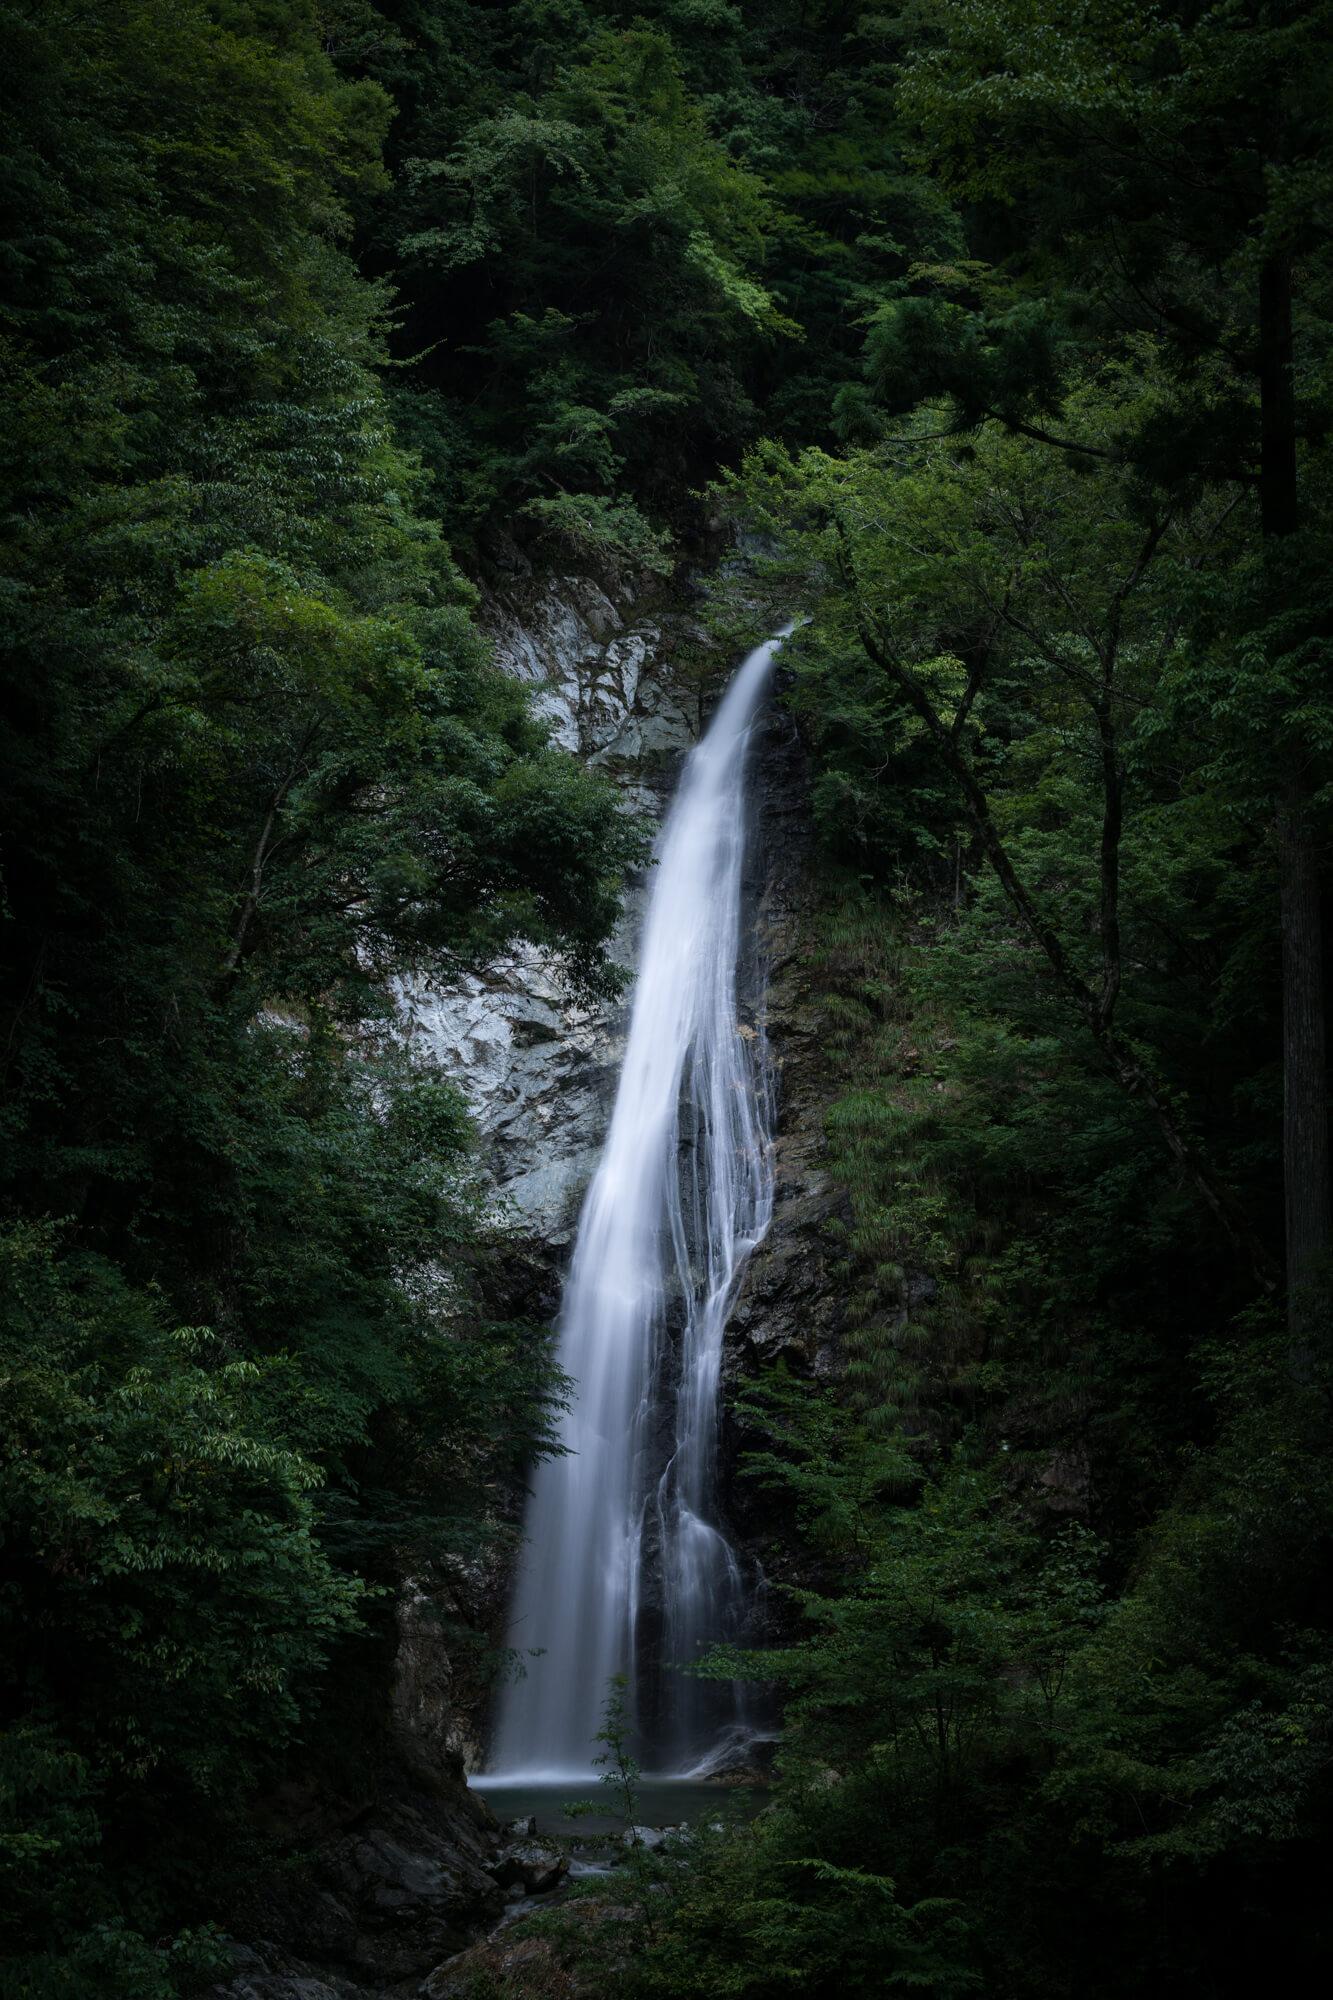 ND200を使って撮った原不動の滝